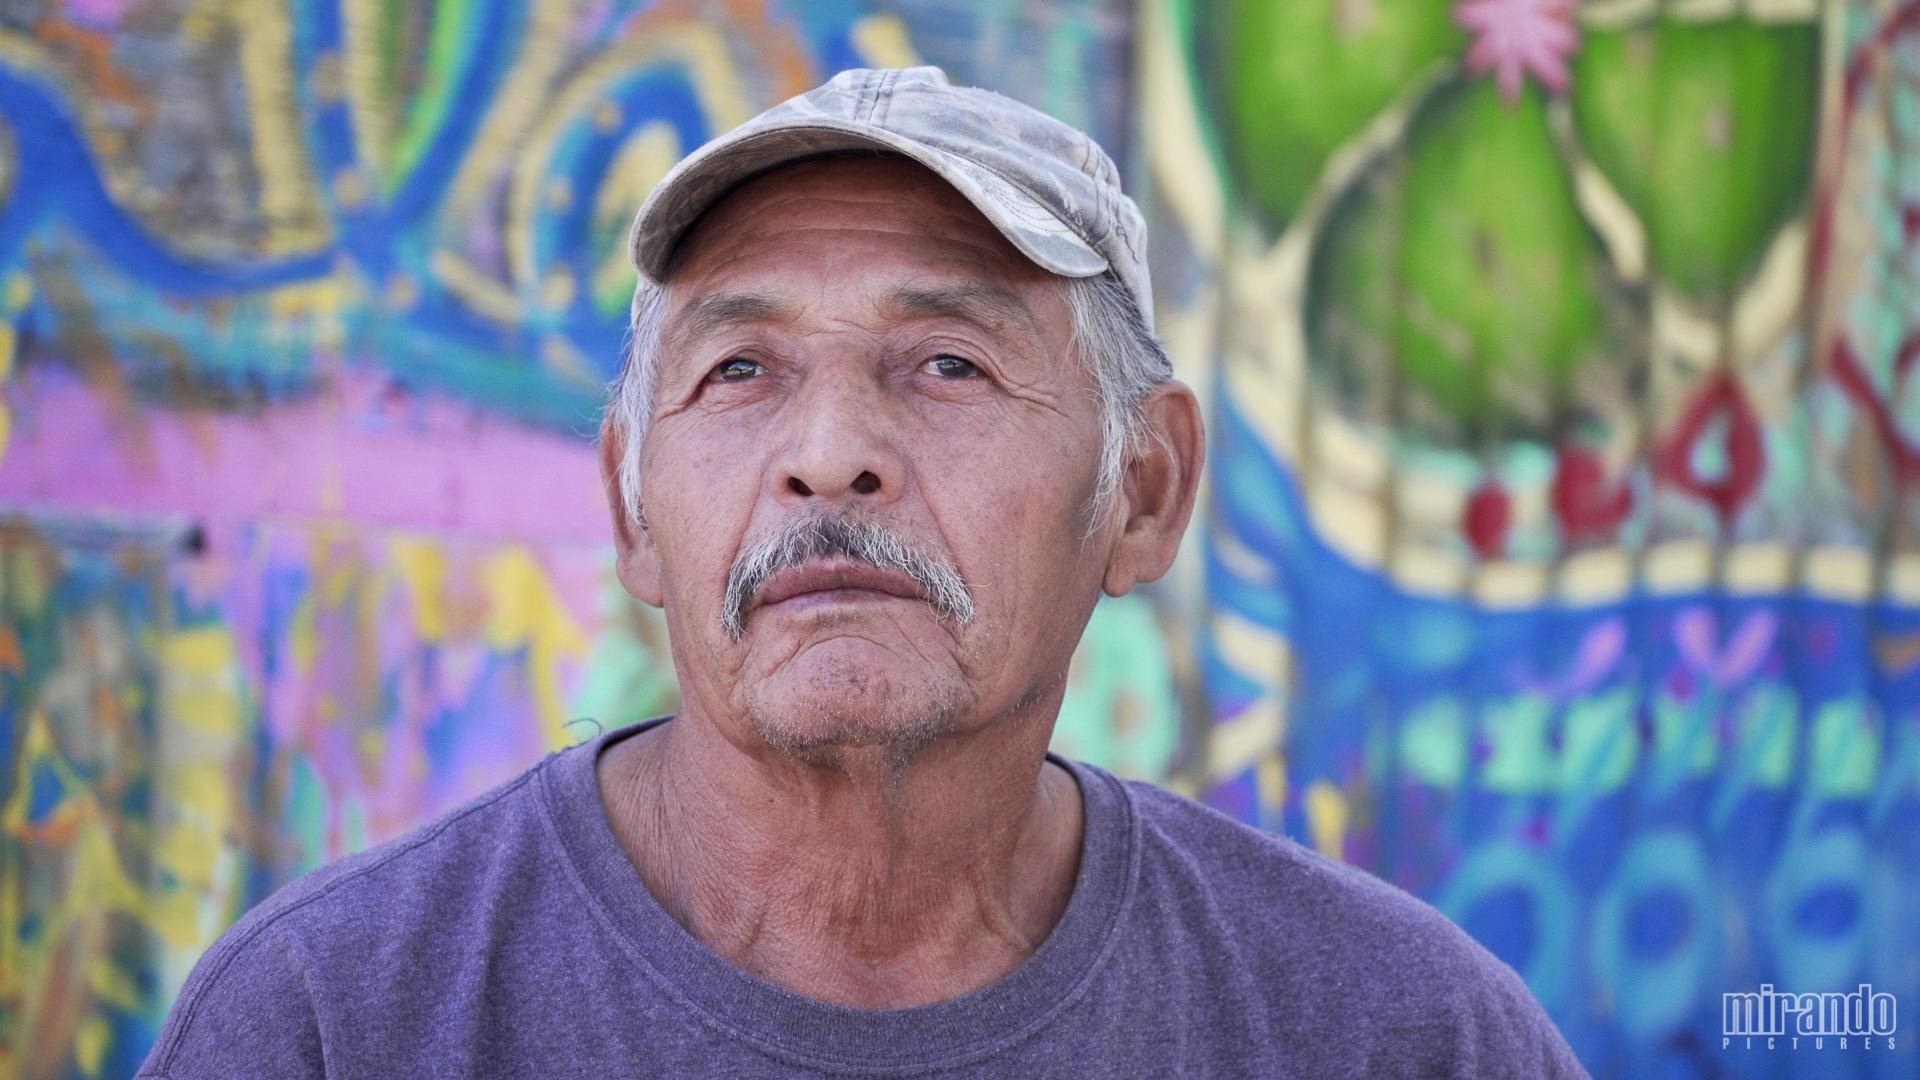 Peyoteros+Documentary-15.jpg